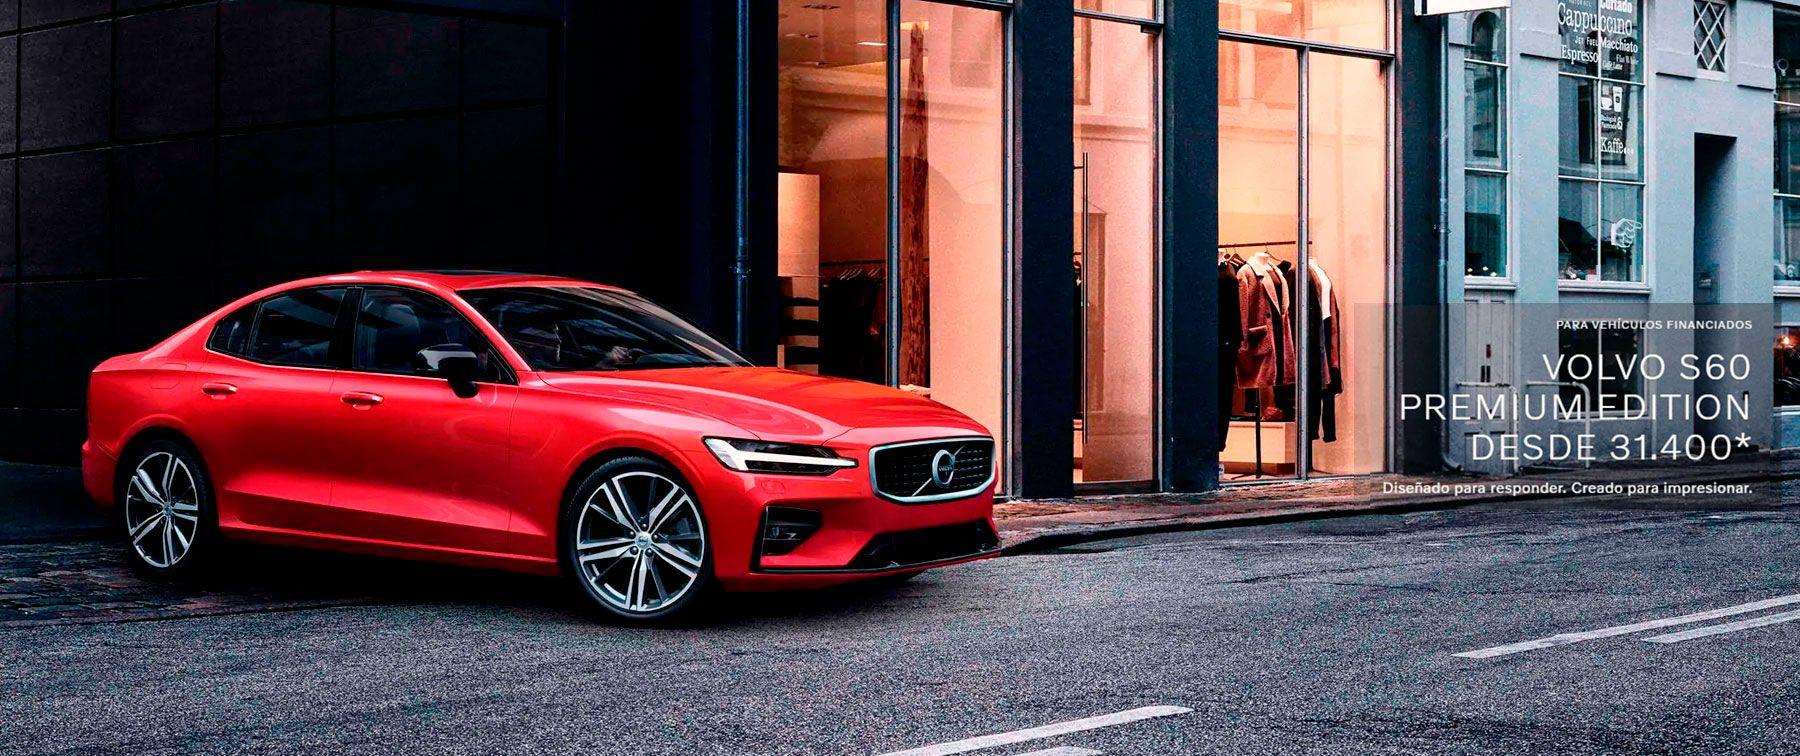 S60 T4 Premium Edition automático desde 31.400€